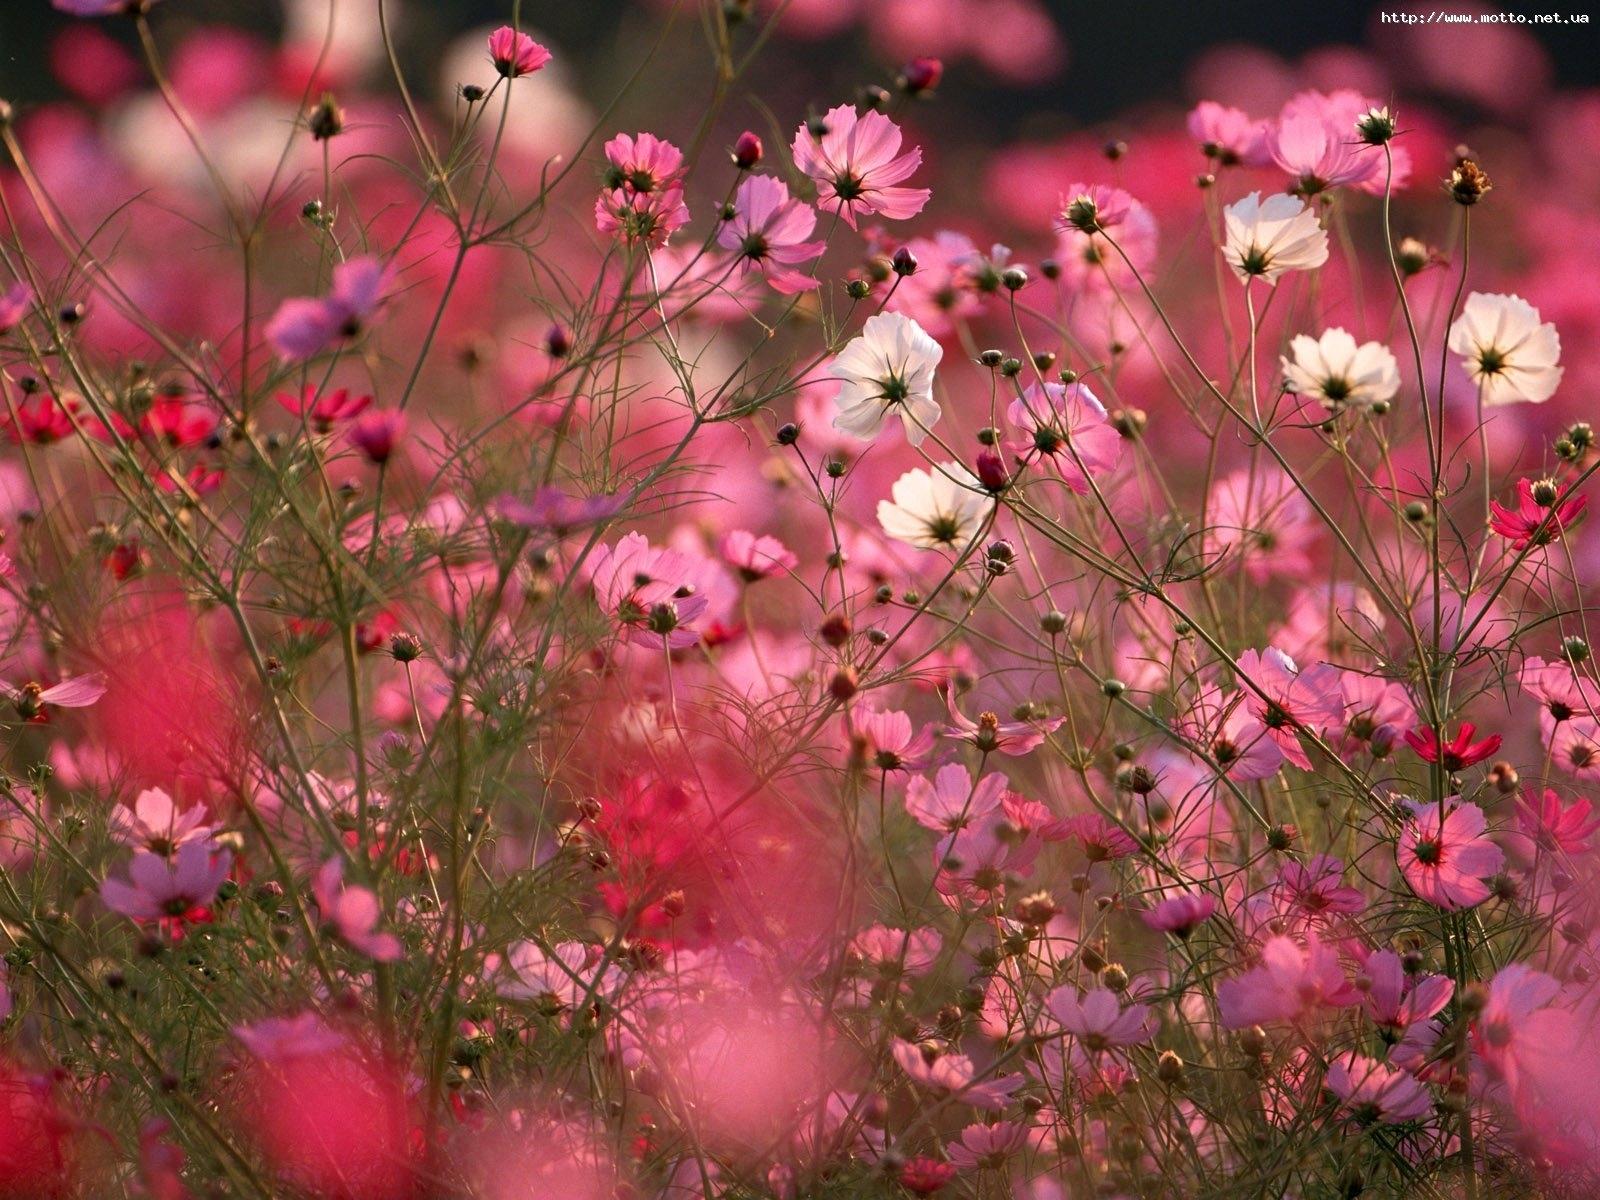 7022 Hintergrundbild herunterladen Pflanzen, Blumen, Hintergrund - Bildschirmschoner und Bilder kostenlos